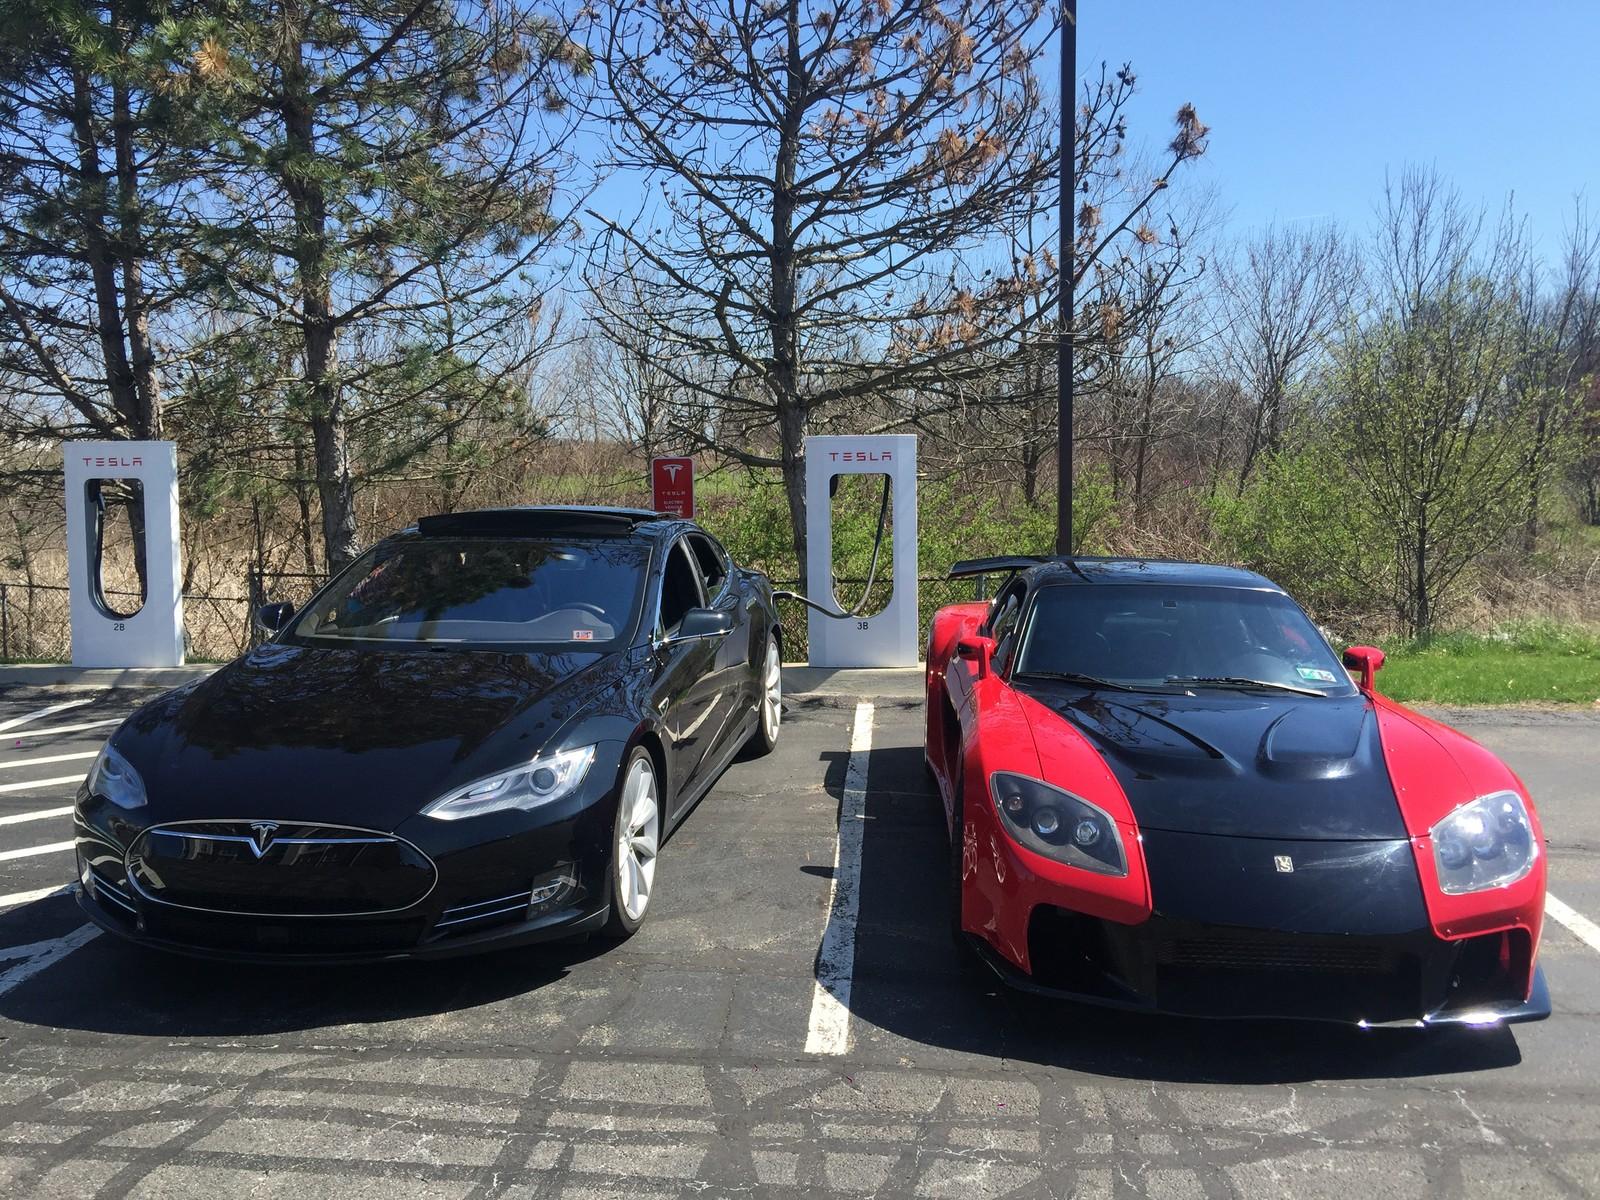 Tesla p90d 1/4 mile